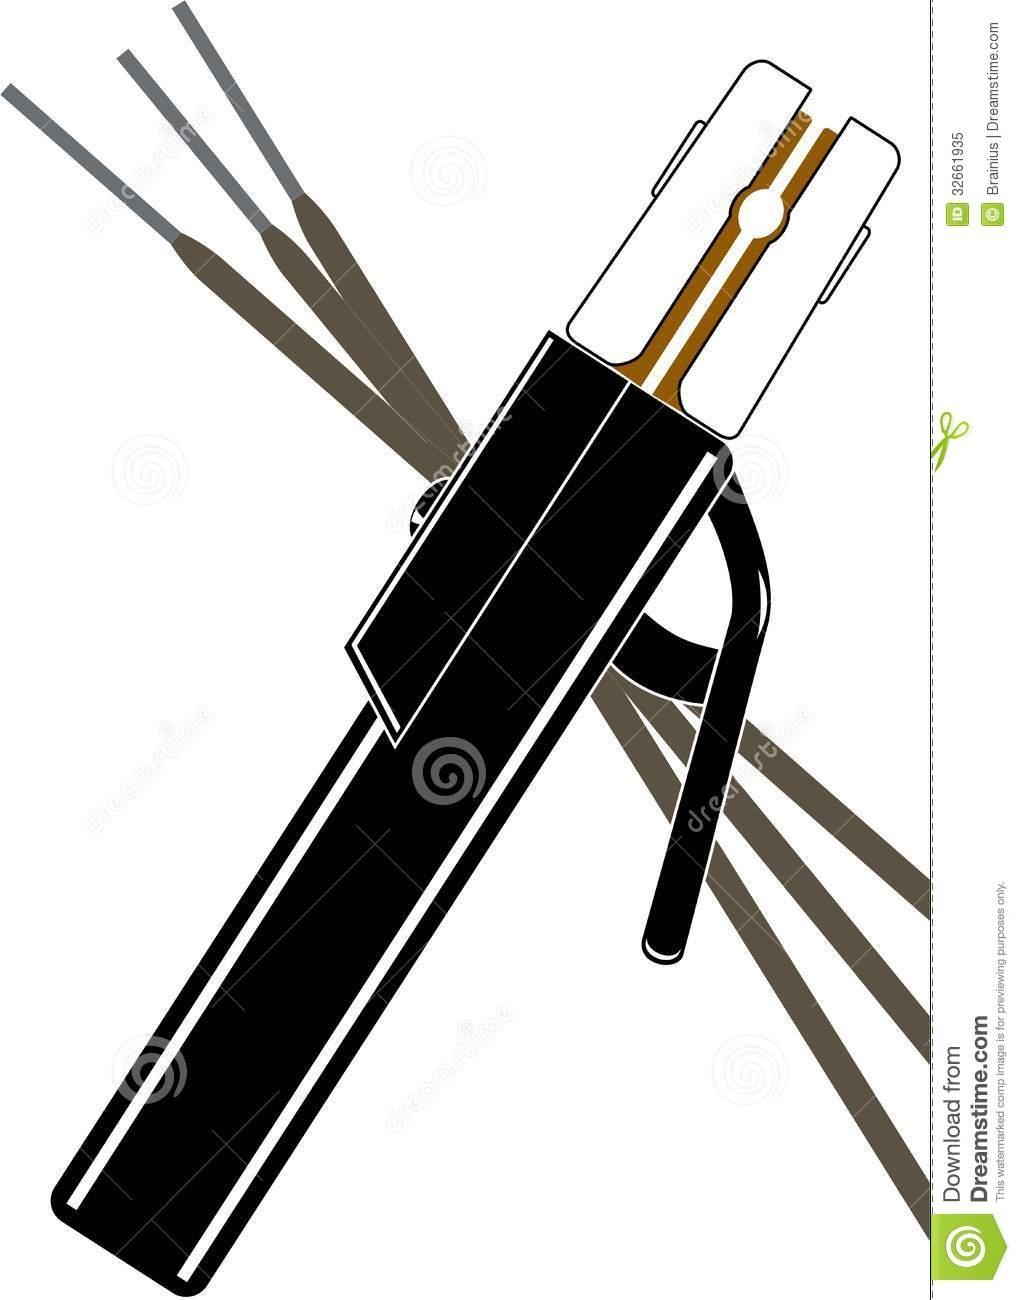 Welder images free download. Welding clipart welding rod